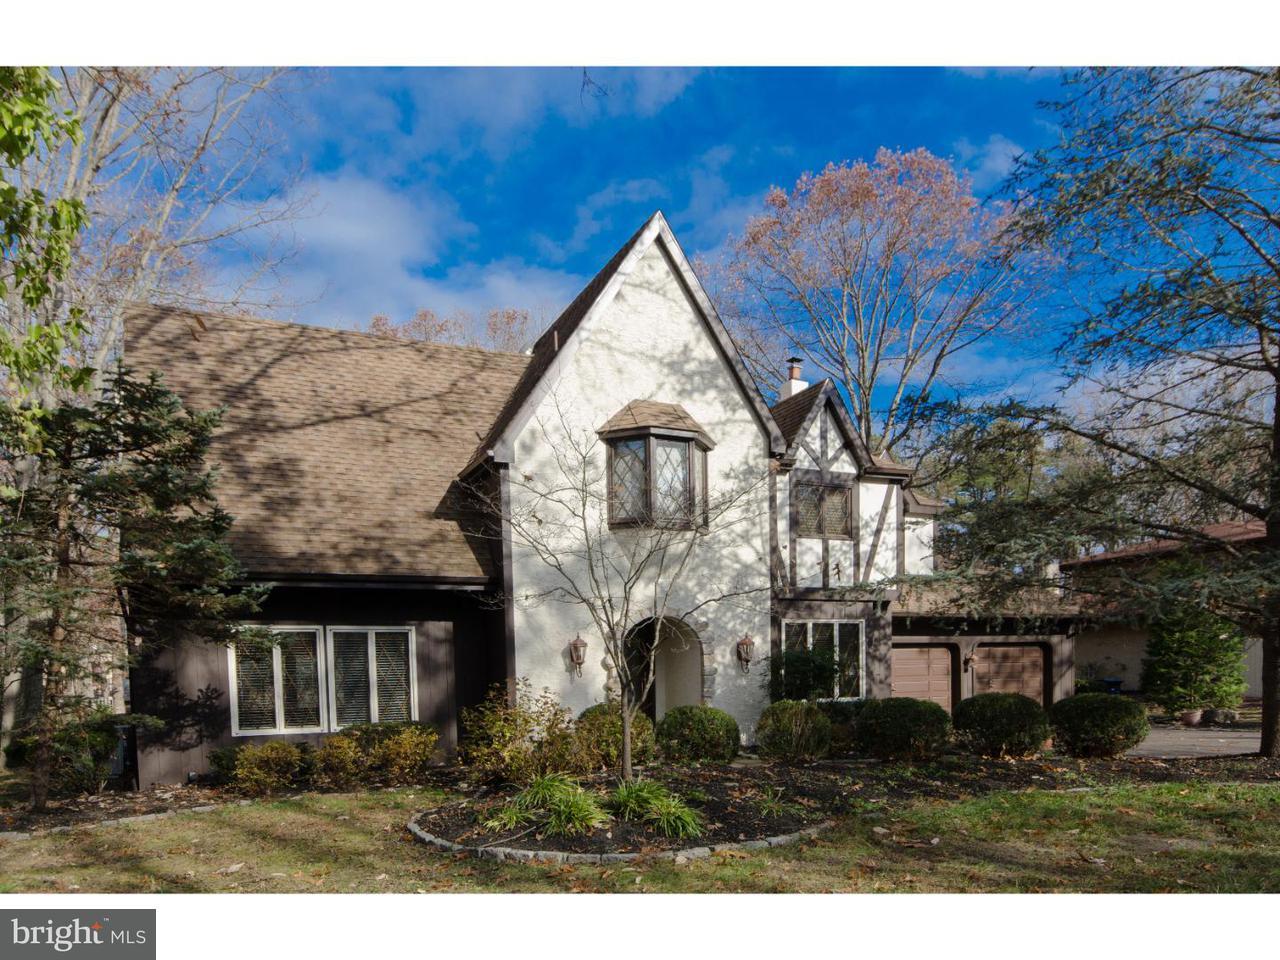 独户住宅 为 销售 在 206 WHITEHALL Court 沃利斯, 新泽西州 08043 美国